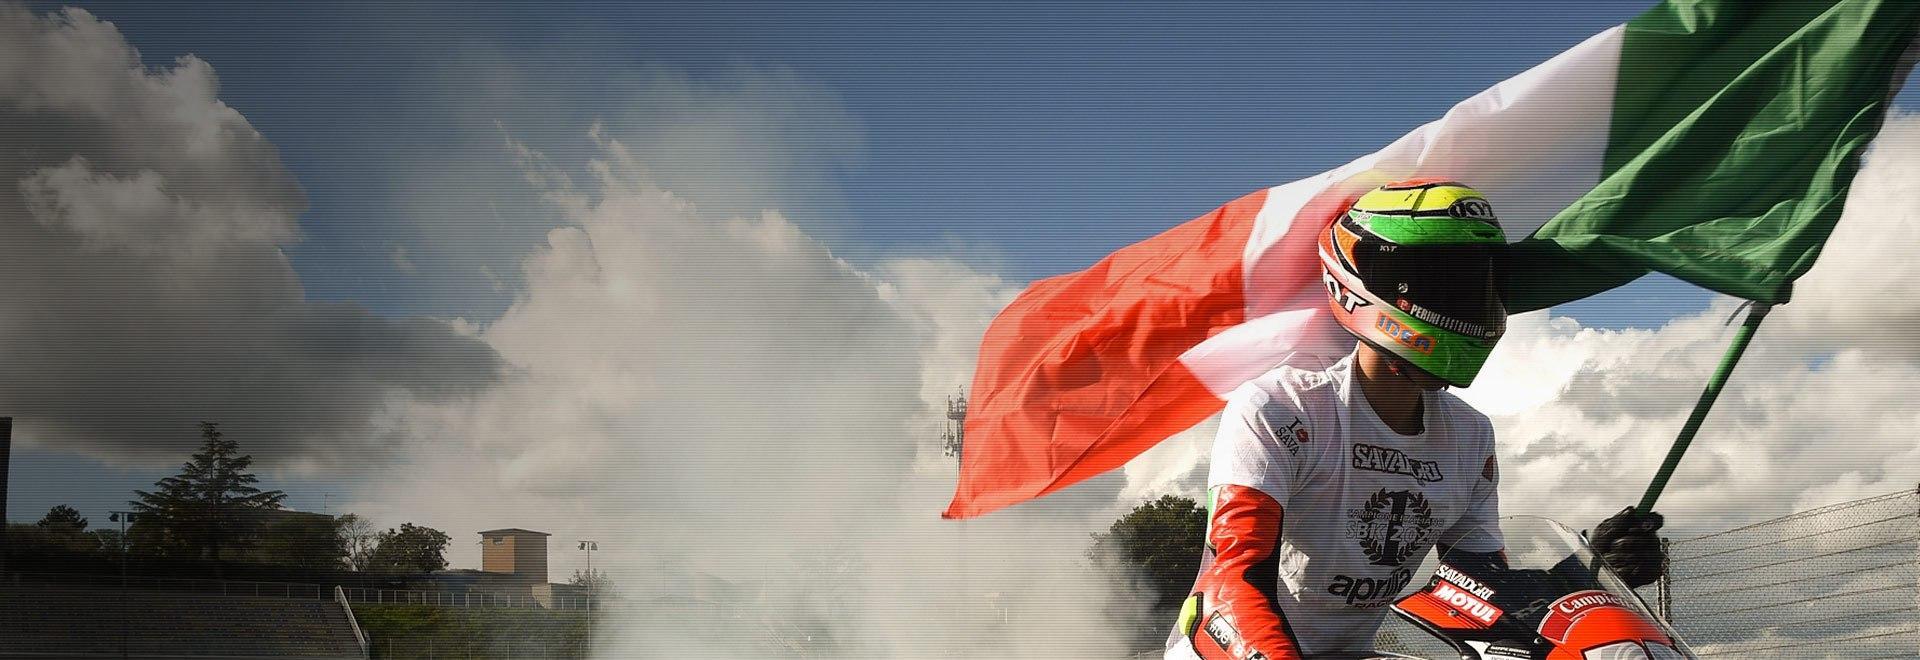 GP Imola: Supersport